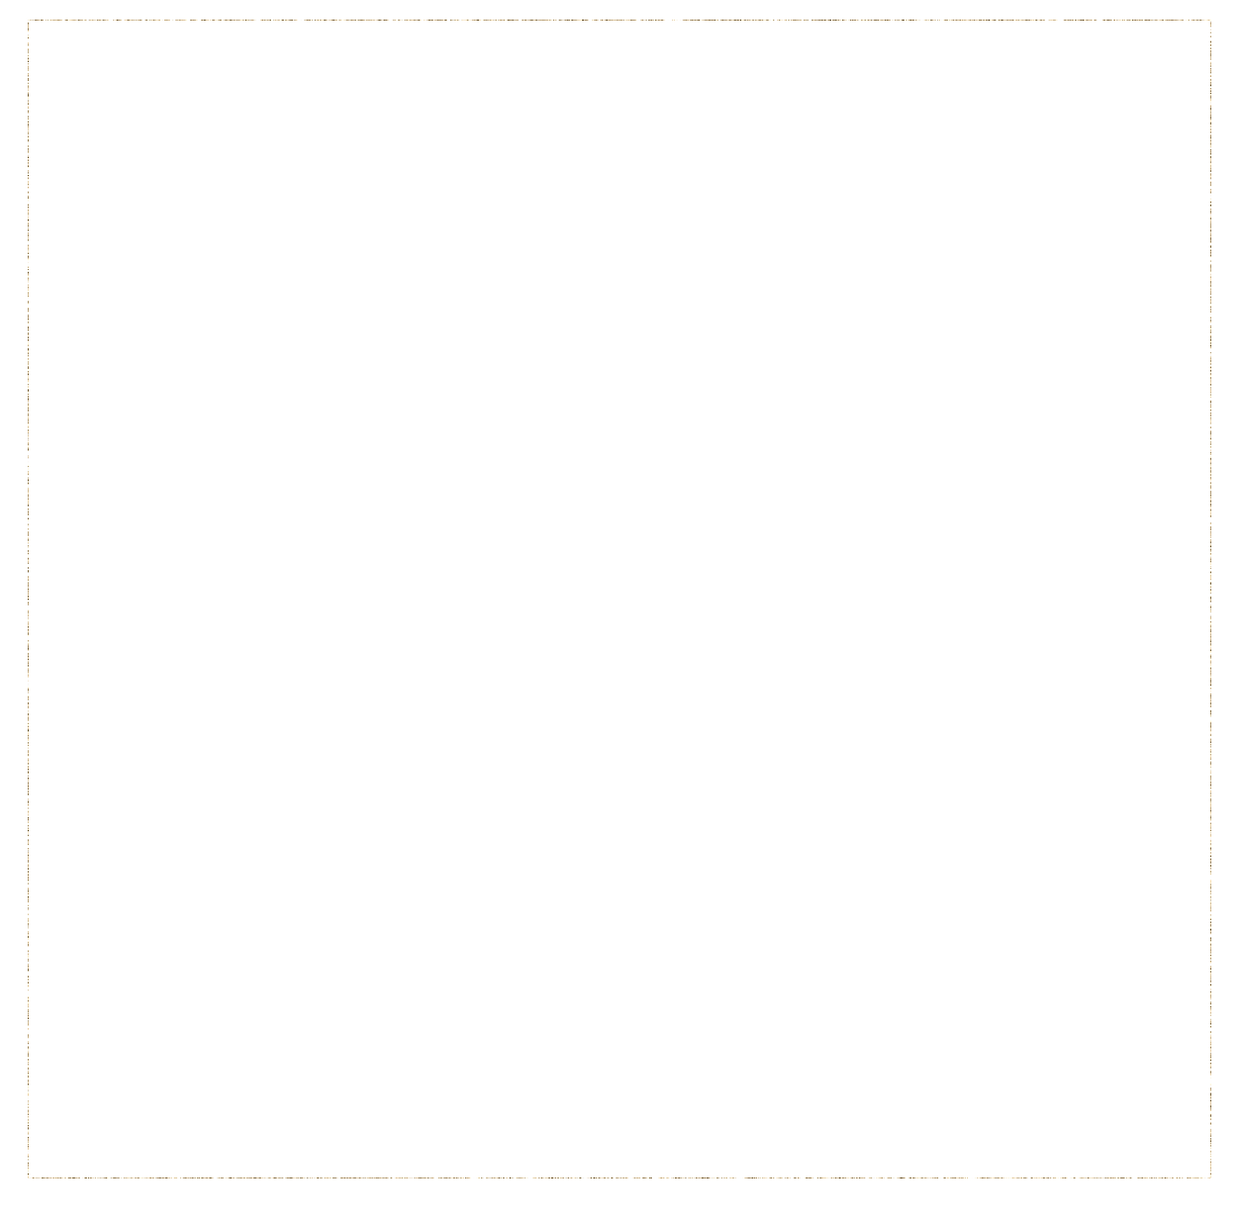 gold-frame (2).png